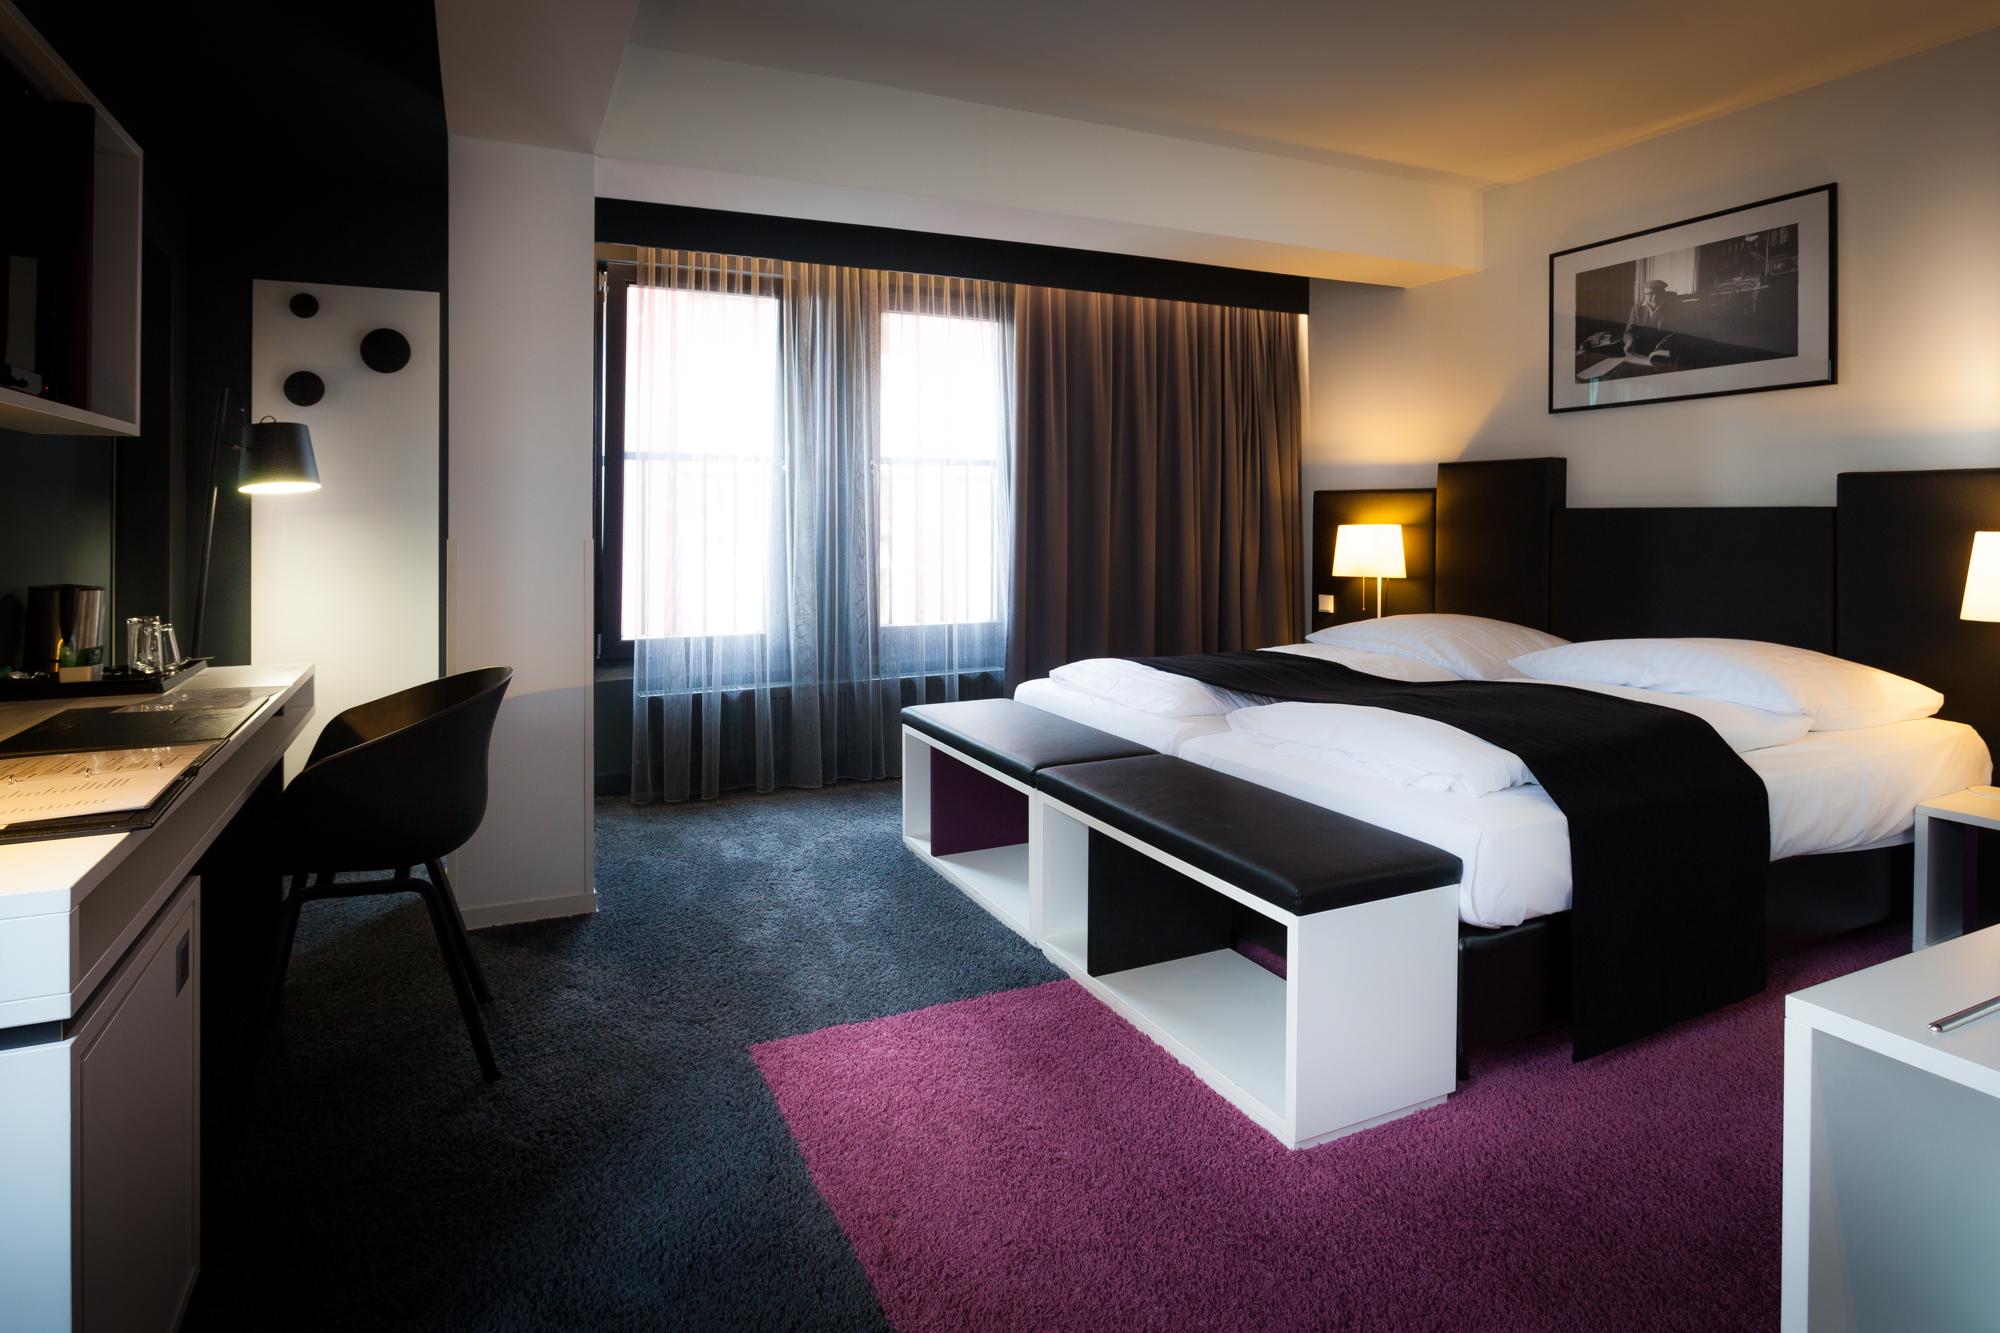 frankfurt is schei e ne um mich herum. Black Bedroom Furniture Sets. Home Design Ideas